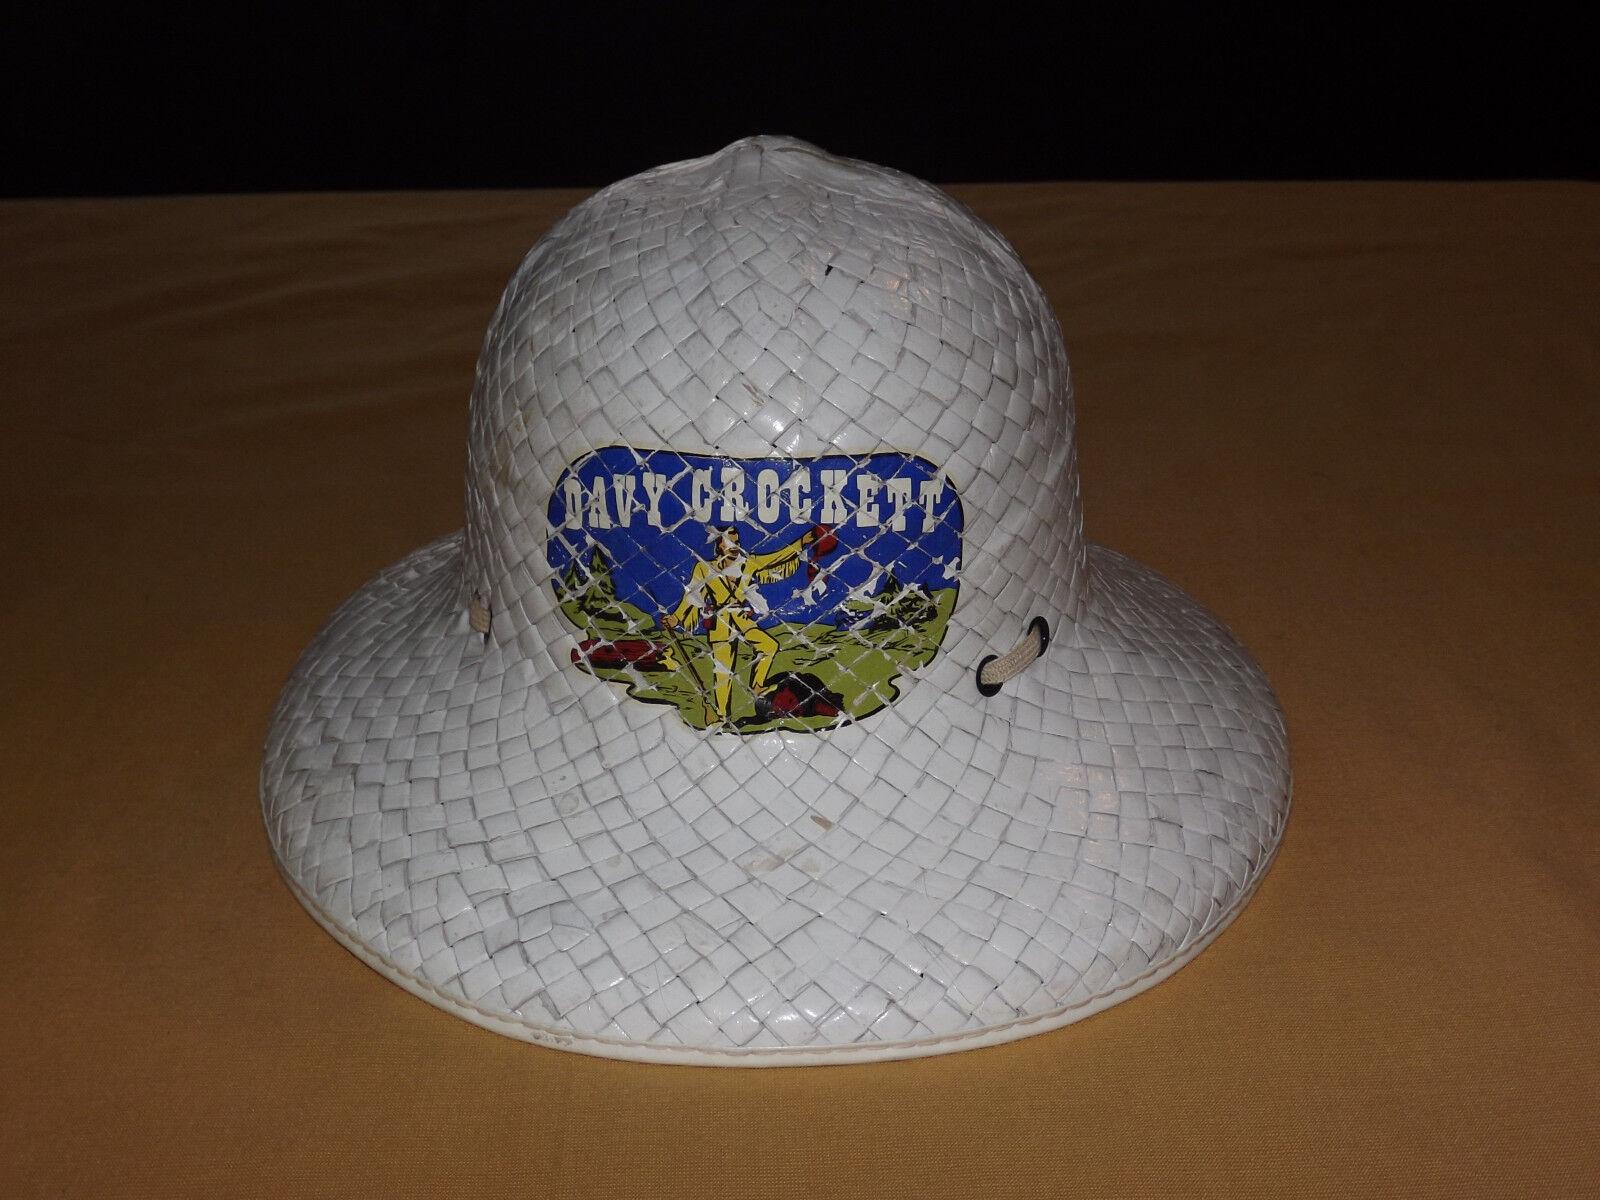 Juguete Vintage Western Pioneer 1950-60s Davy Crockett paja Safari Sombrero